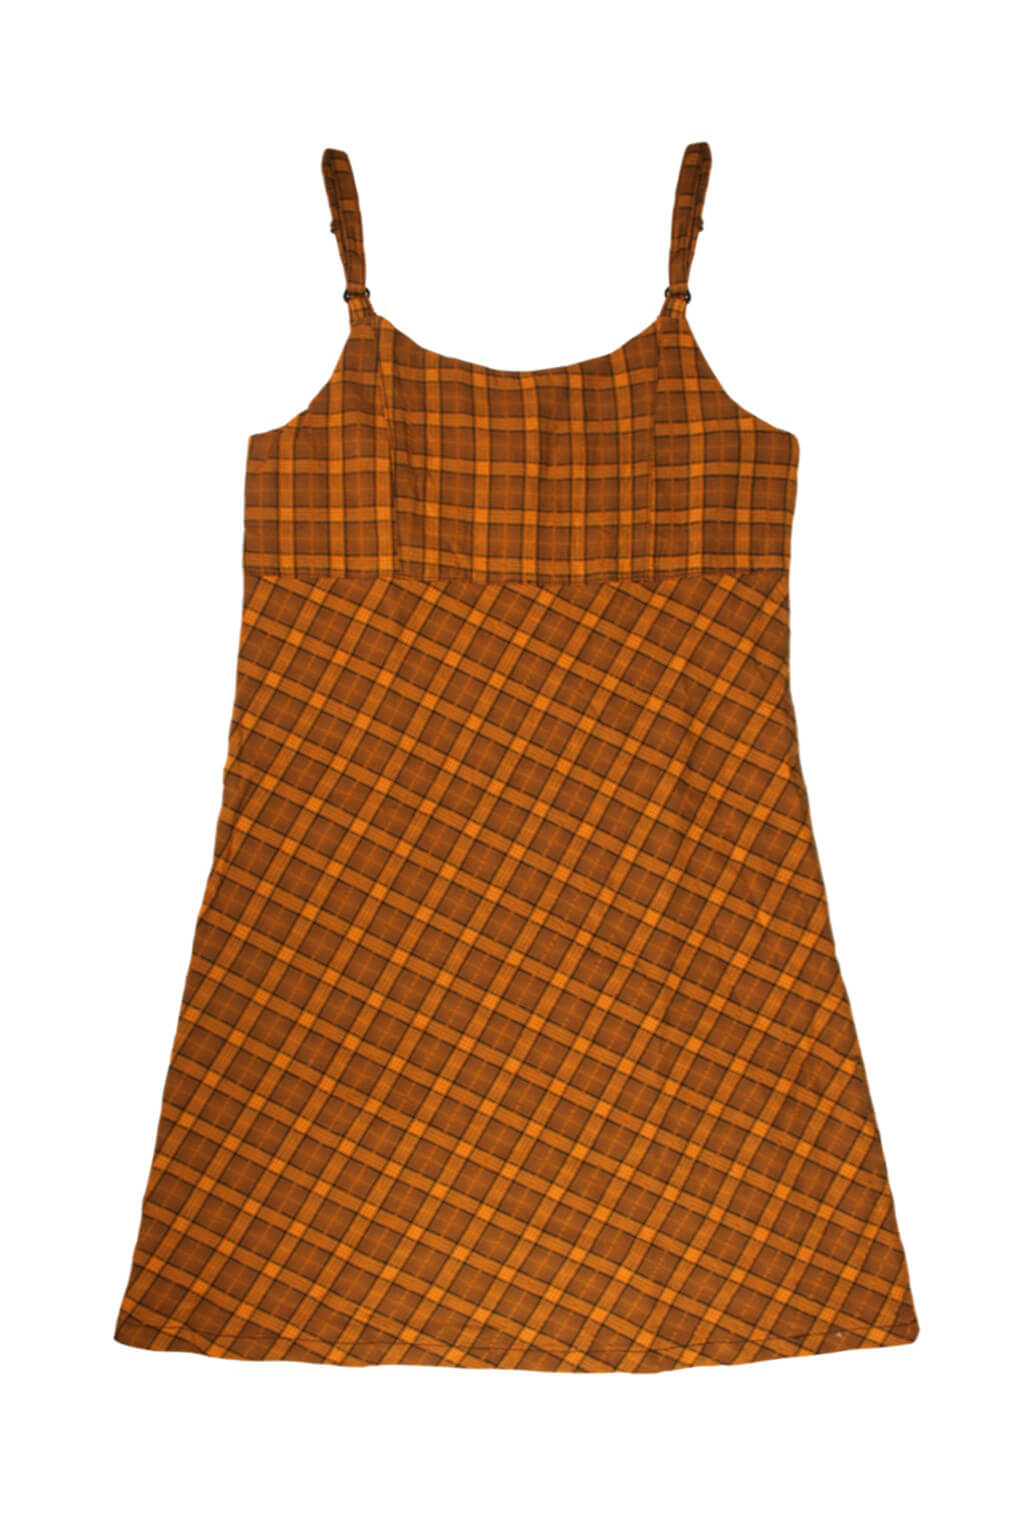 Nature úzké dívčí šaty 5-6 let hnědá 06fa0980f9